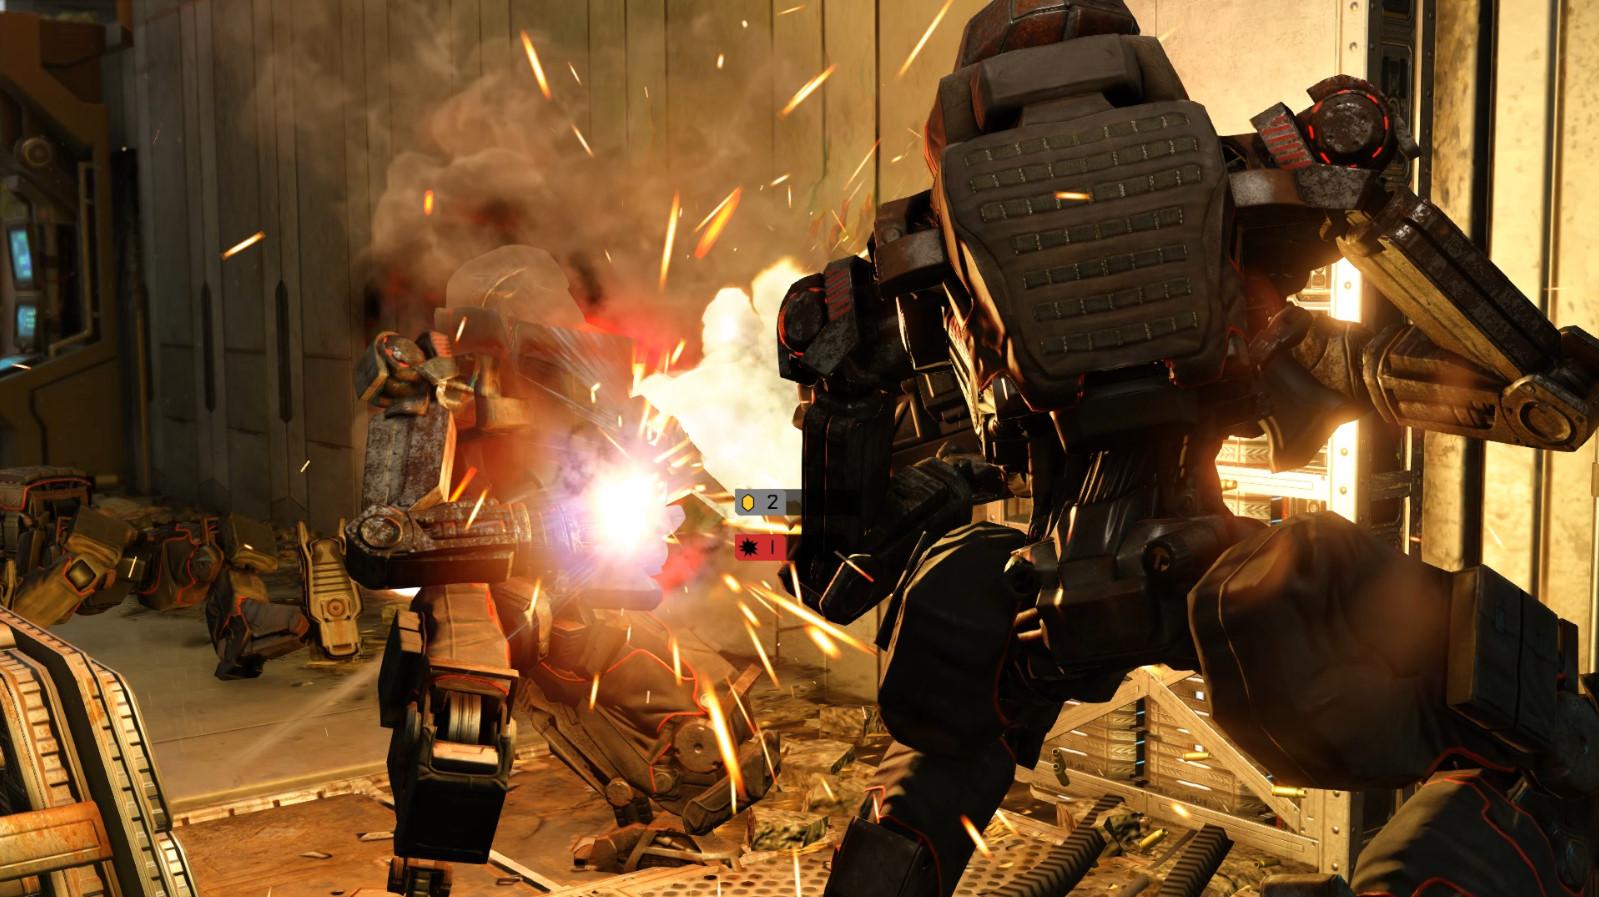 Взломанный робот.jpg - XCOM 2